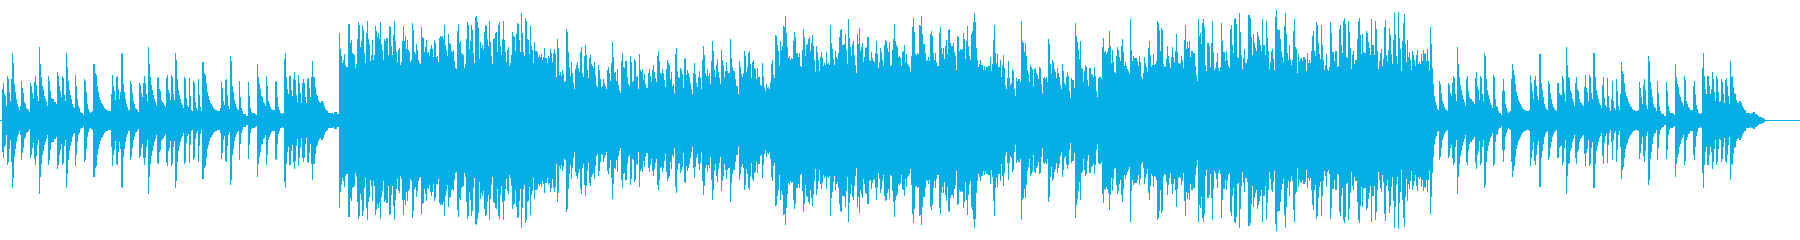 親子の感動シーンをイメージしたピアノ曲の再生済みの波形